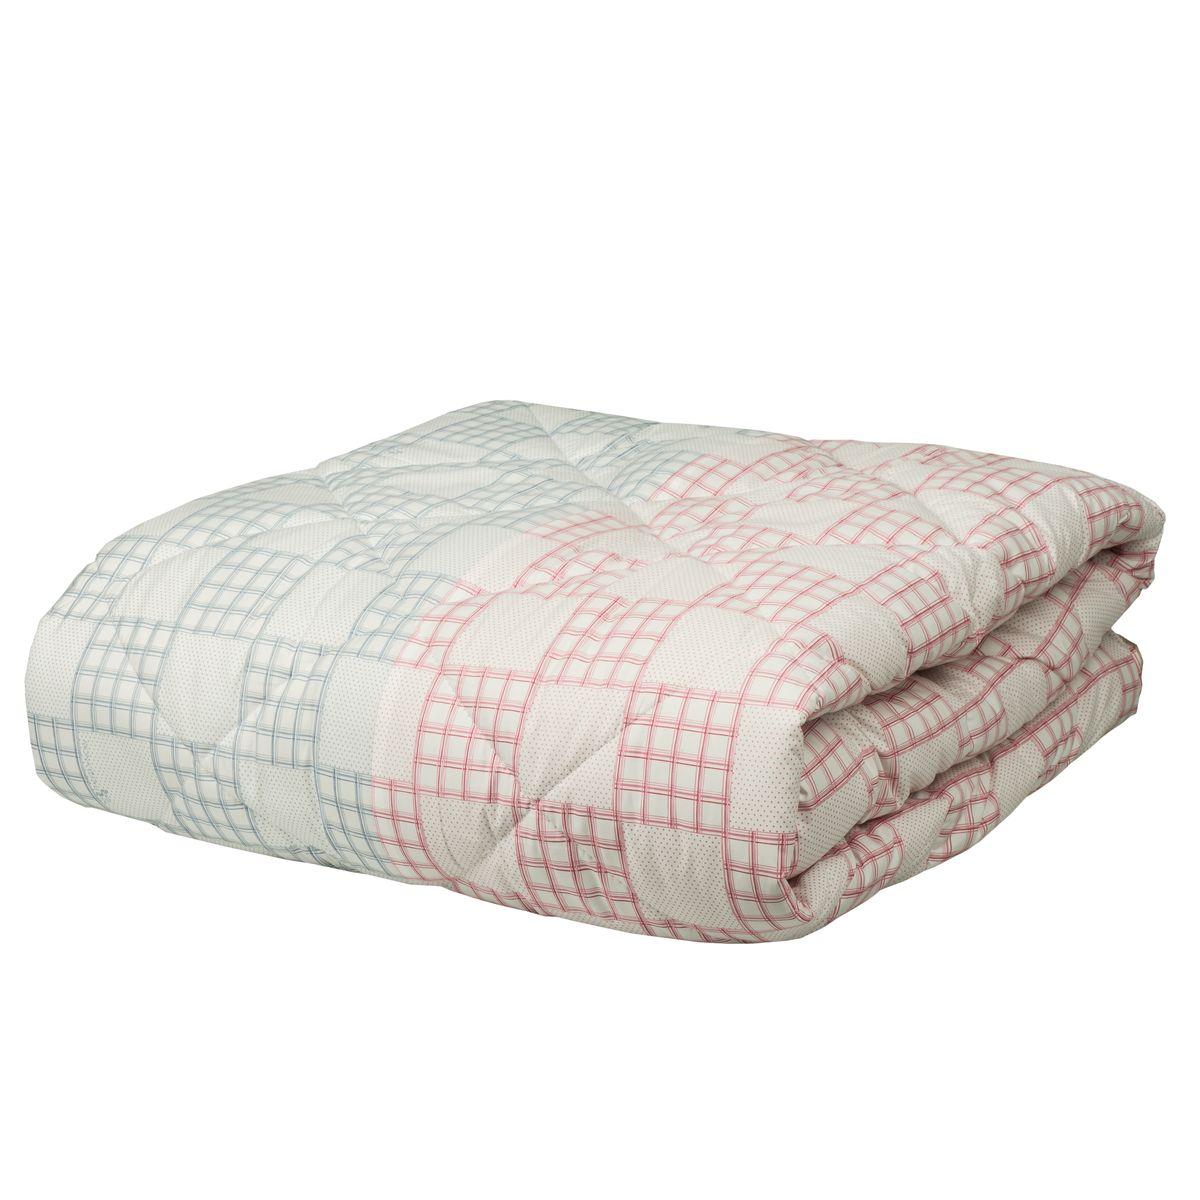 Одеяло Mona Liza Chalet Climat Control, цвет: серый, розовый, 195 х 215 см531-103Одеяло Mona Liza Chalet Climat Control изготовлено из плотного тика, с отделочным кантом. Одновременно имеет две зоны температурного режима, поскольку наполнитель состоит из двух частей: одна половина изделия более теплая, содержит волокна натуральной шерсти, а вторая половина одеяла прохладная - так как наполнена натуральными растительными волокнами. Такое одеяло сделает спальное место уютным иподарит ощущение комфорта.